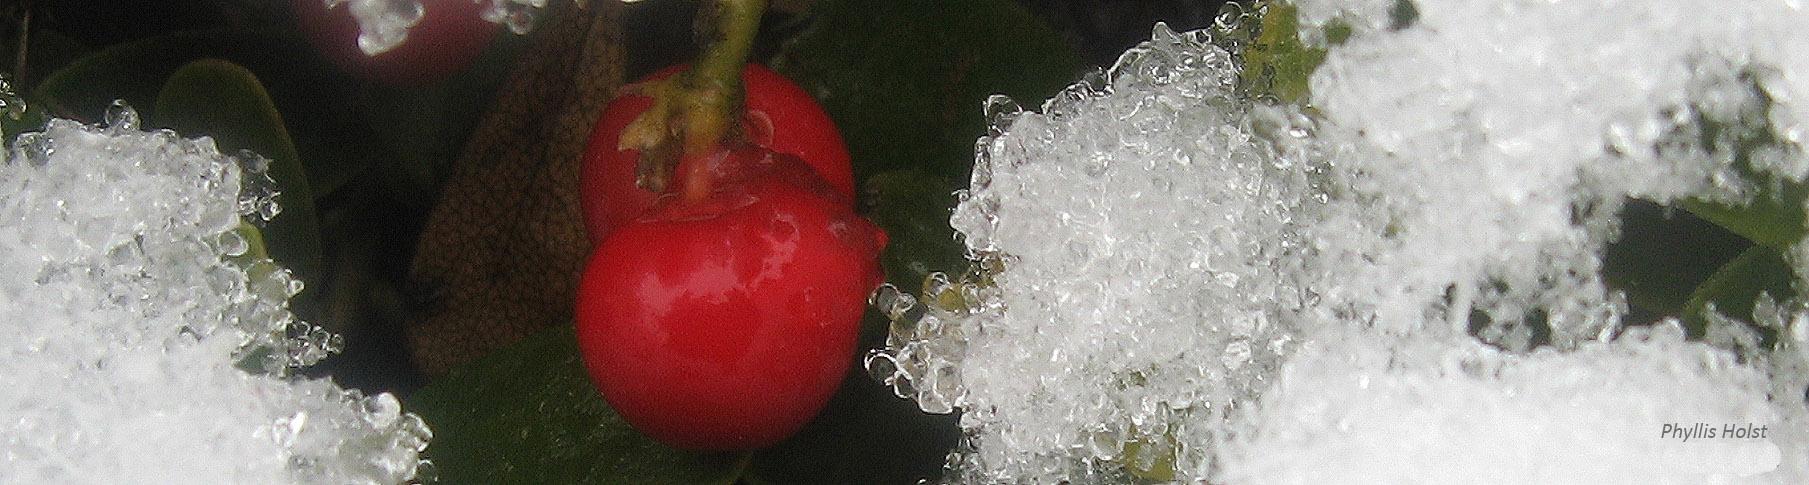 Kinnikinnick berries PHolst